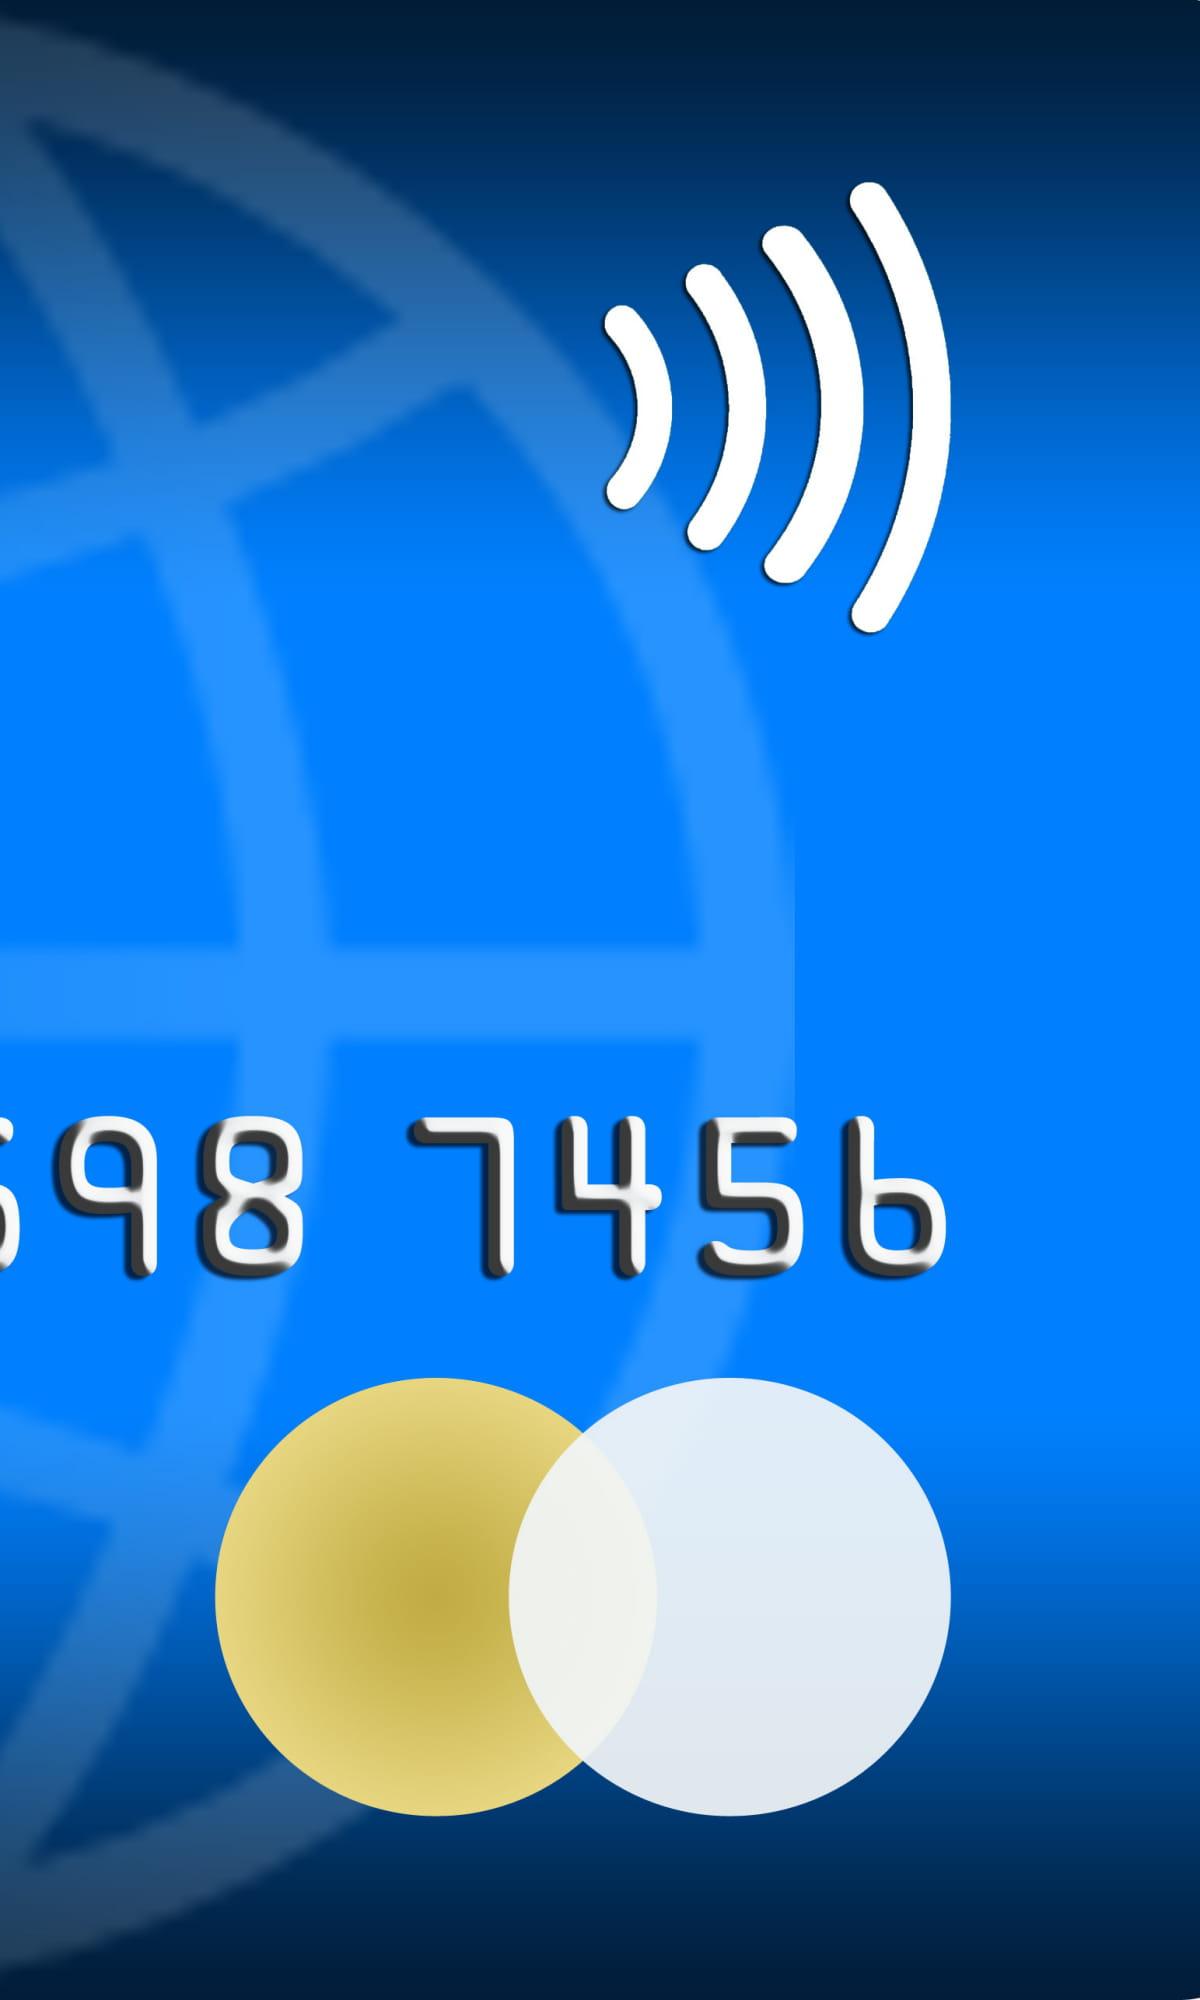 Comment Savoir Si Ma Carte Bancaire Est Equipee Du Paiement Sans Contact